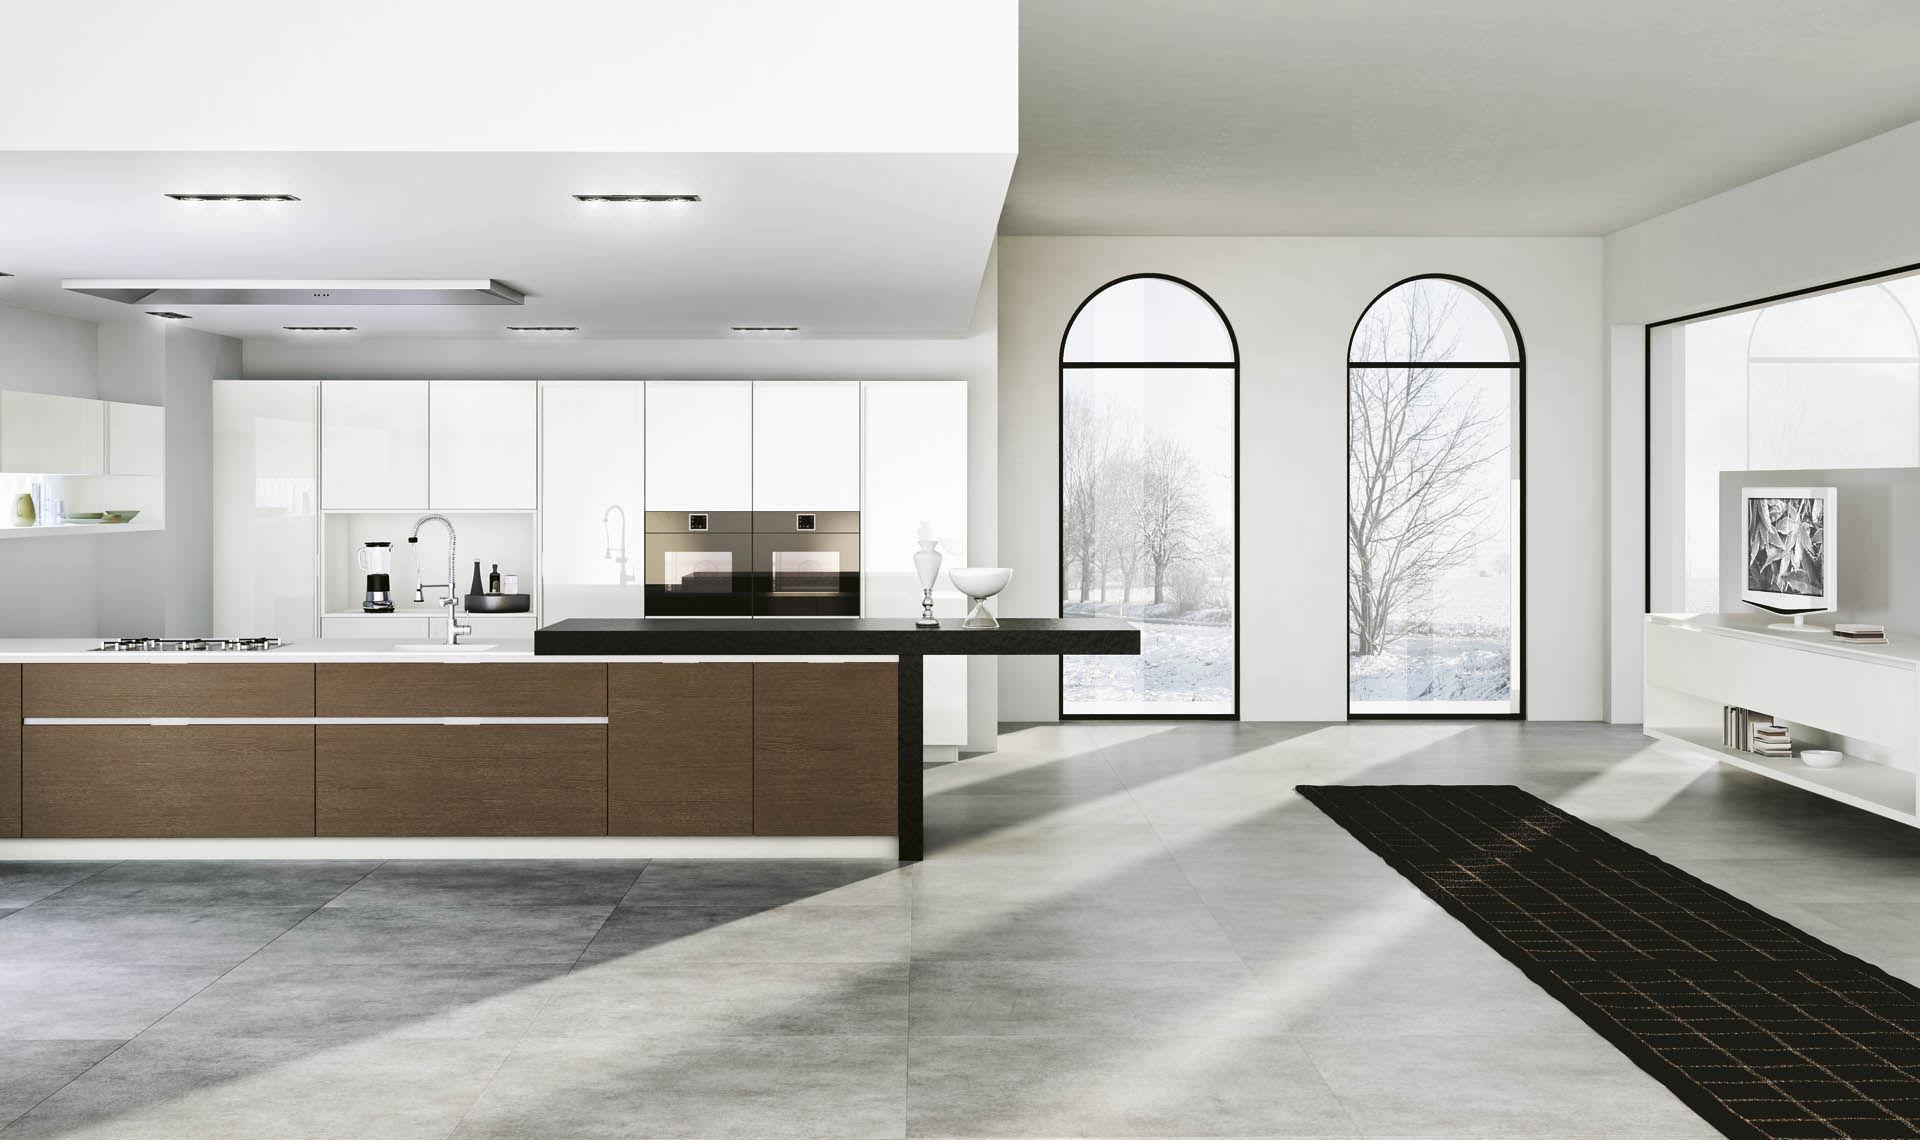 contemporary kitchen / melamine / stainless steel / wood veneer ... - Domus Cucine